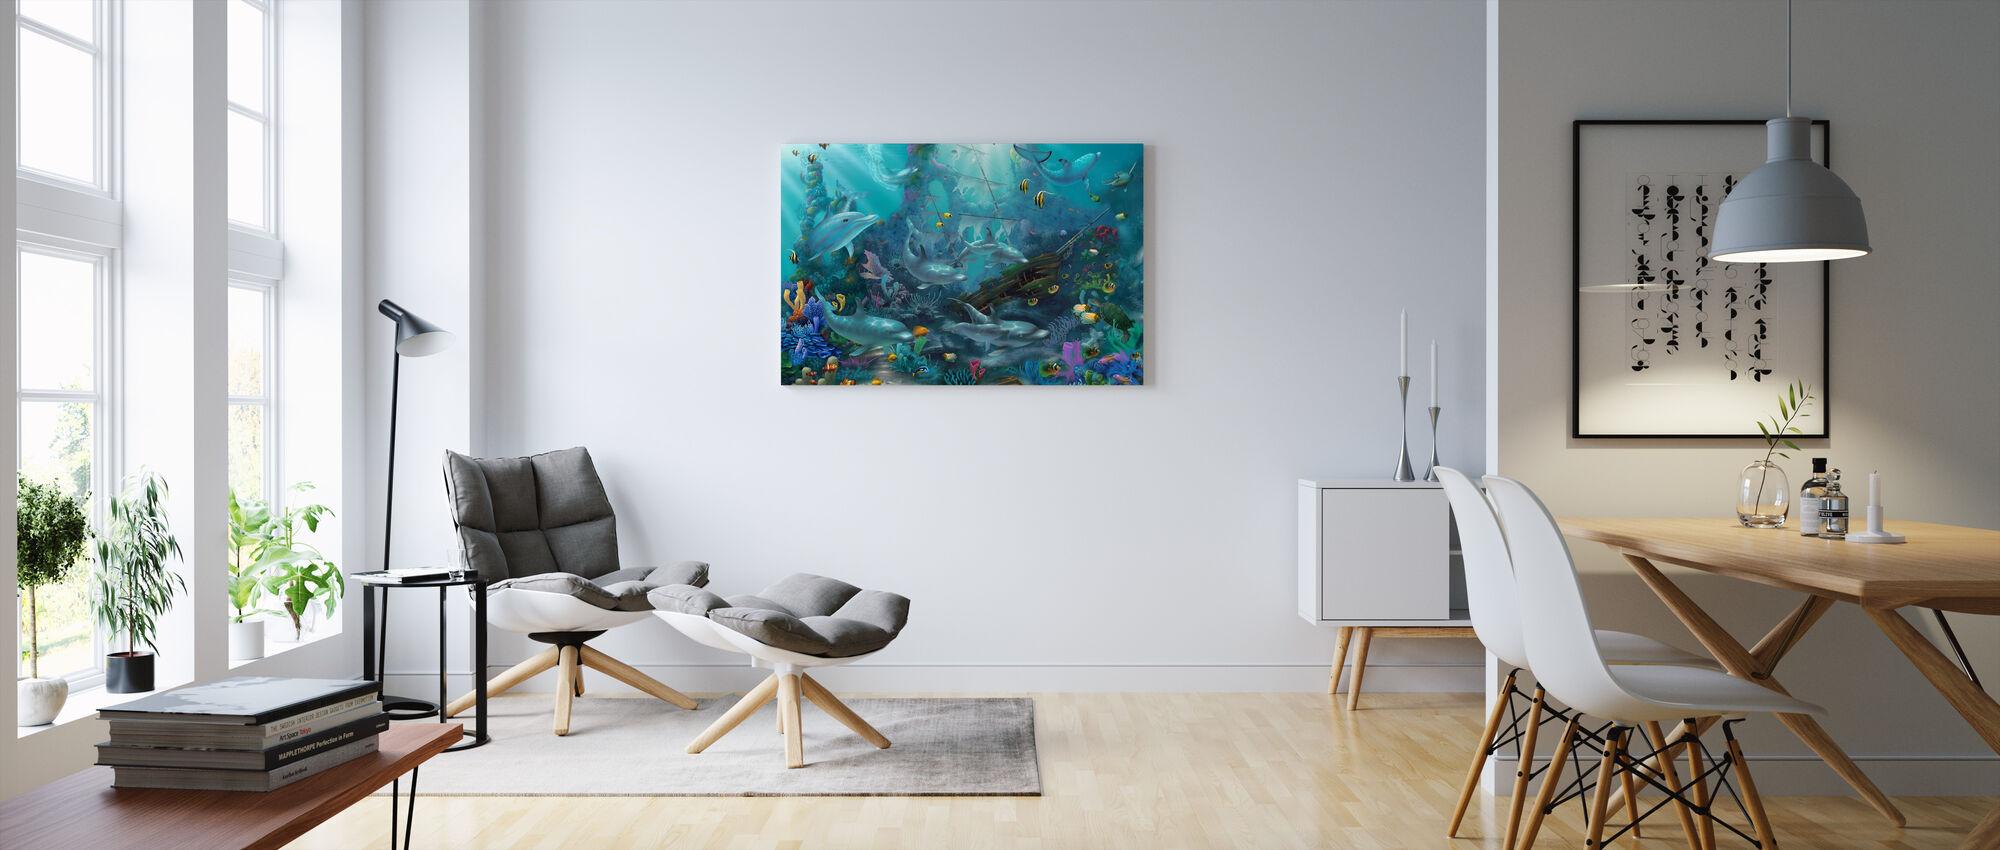 Delfiinien aarteita - Canvastaulu - Olohuone